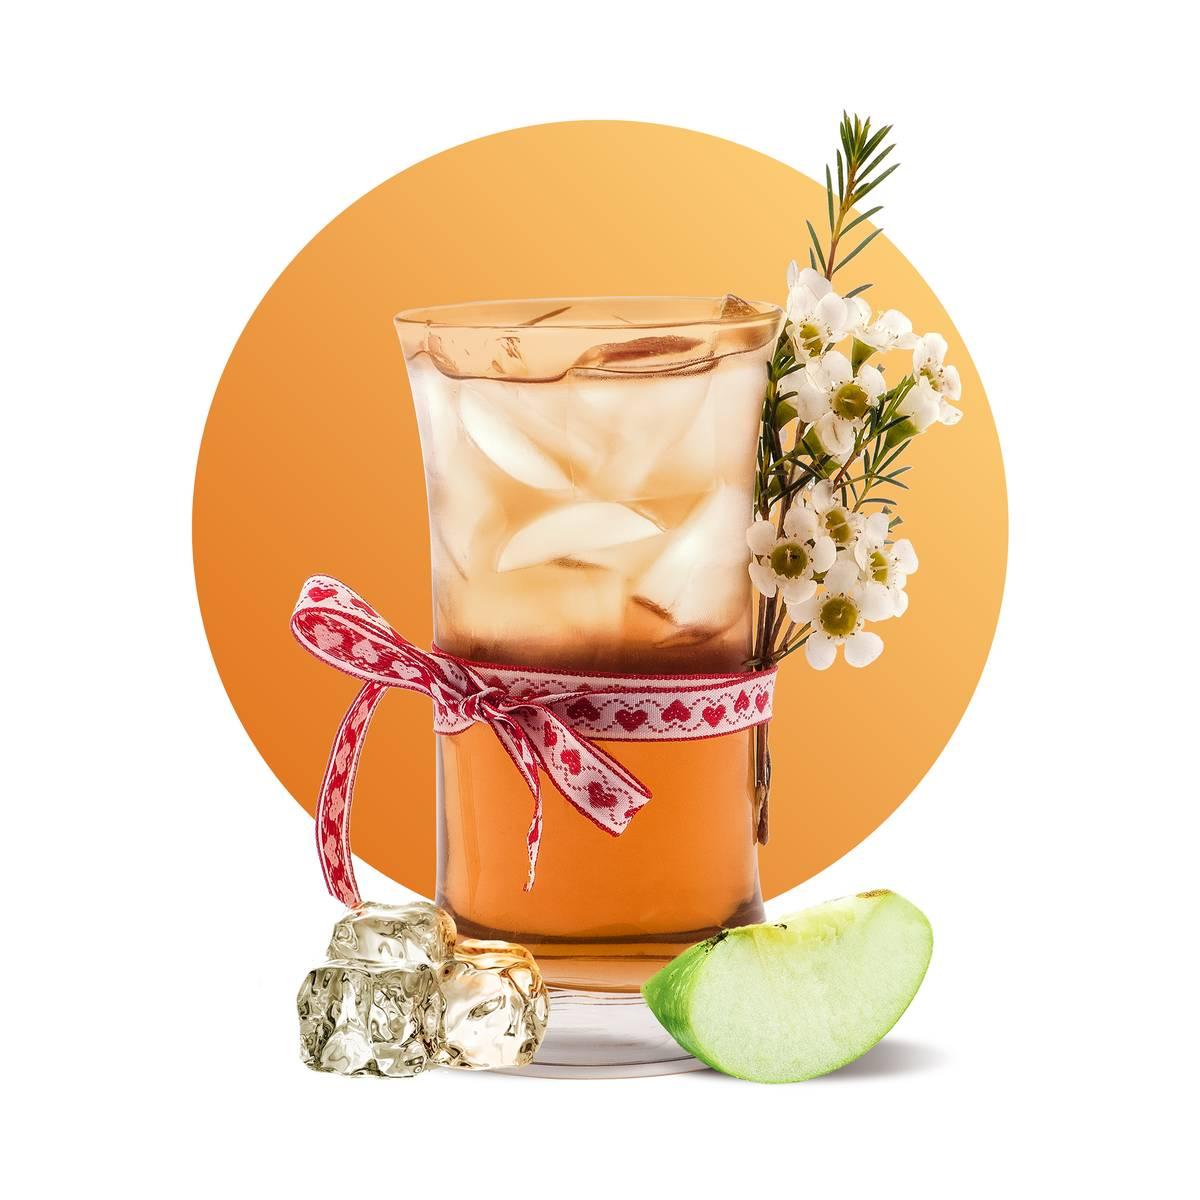 Elderflower Apple Fizz Drink Recipe